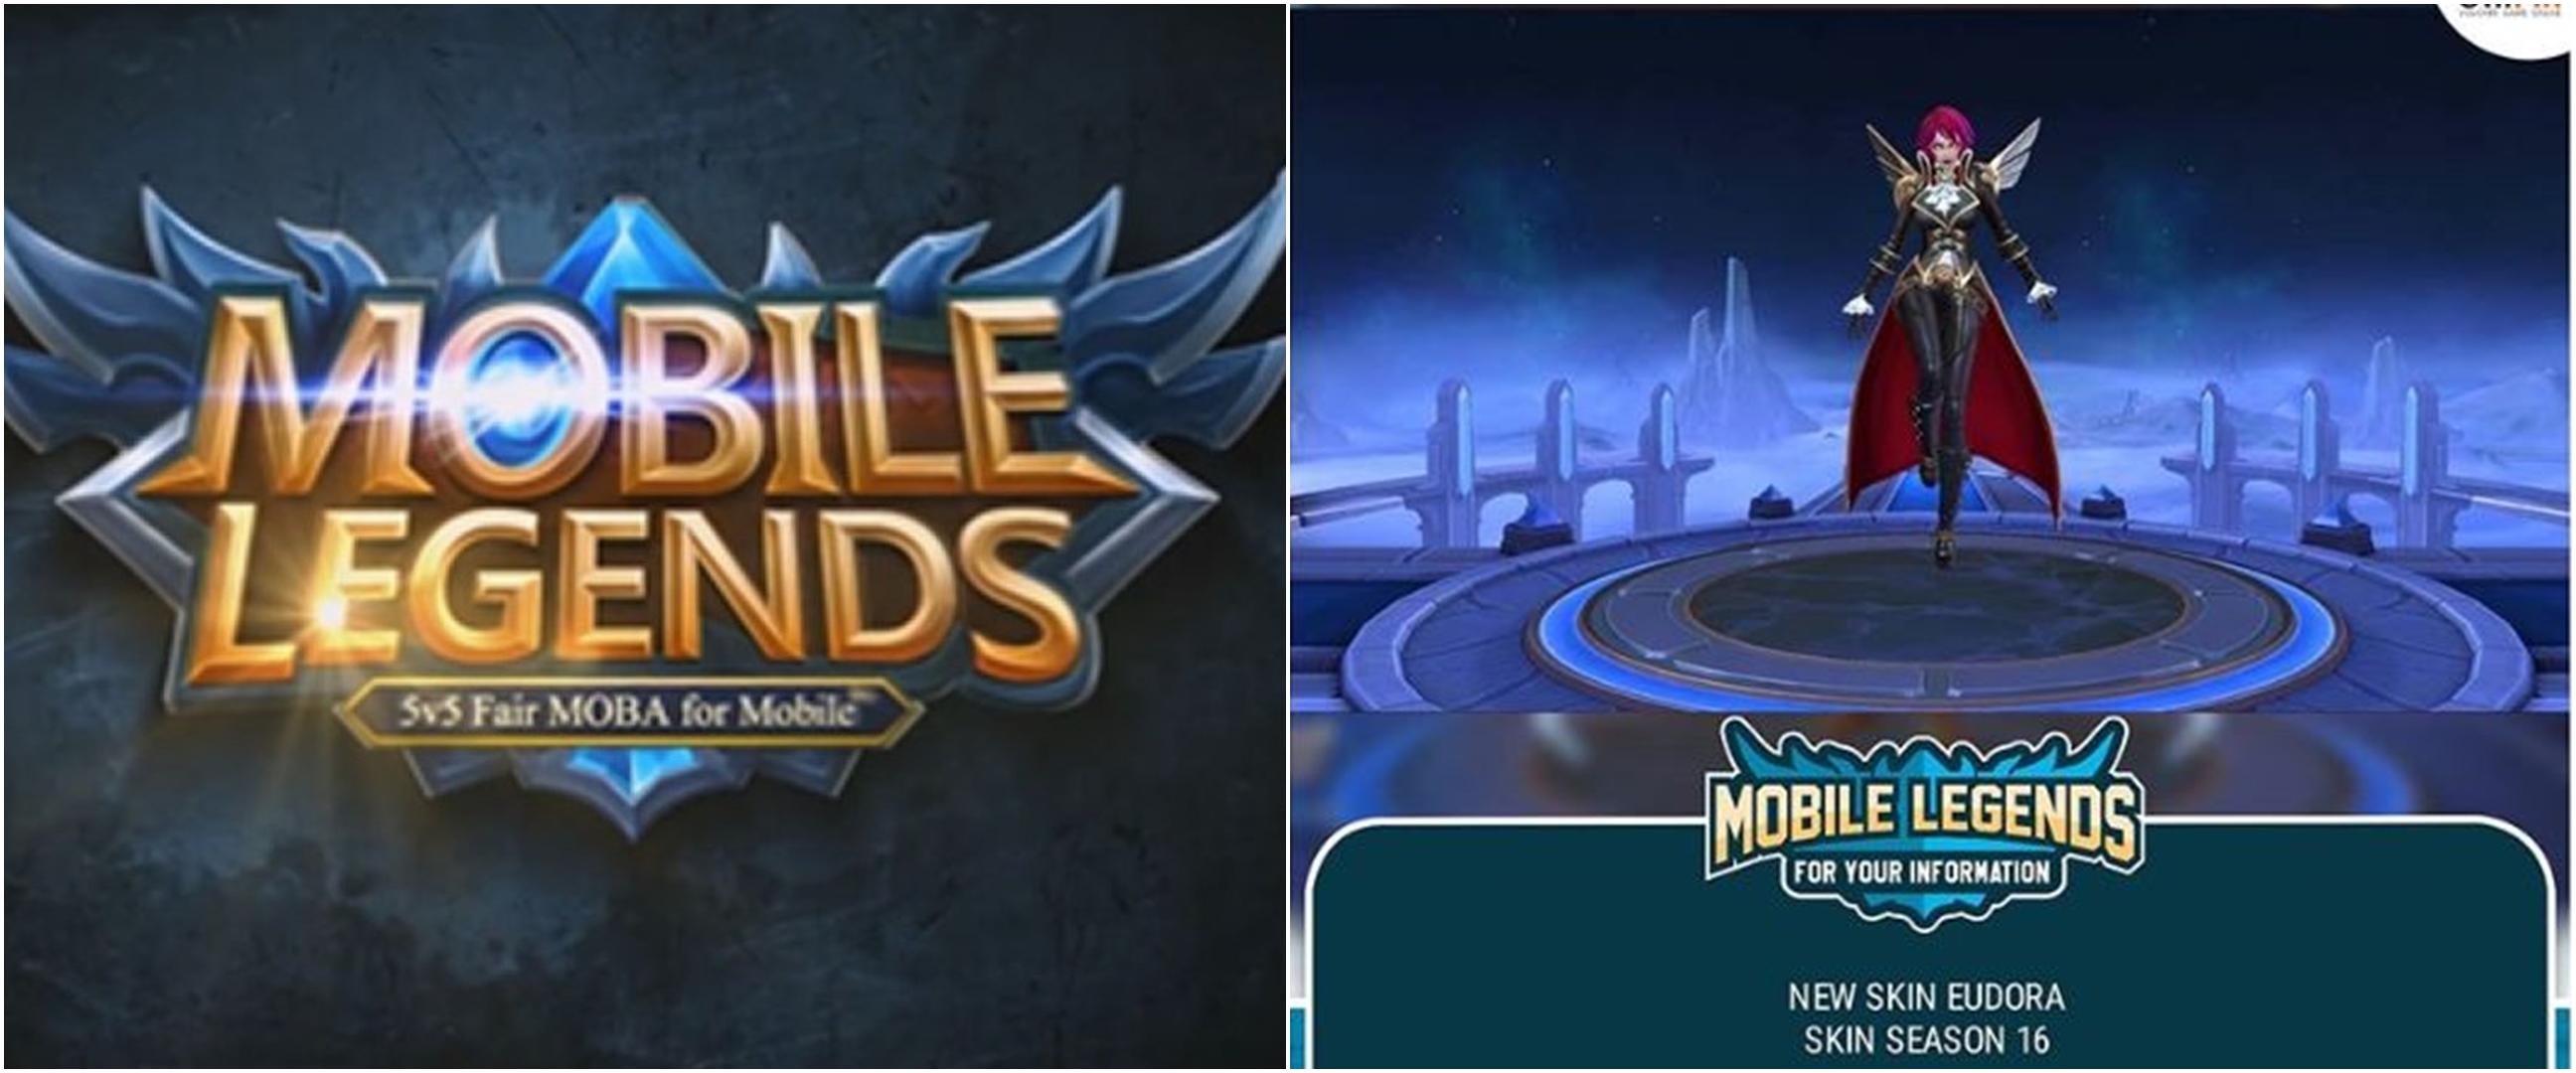 6 Skin baru di Mobile Legends ini bikin gamers ngiler